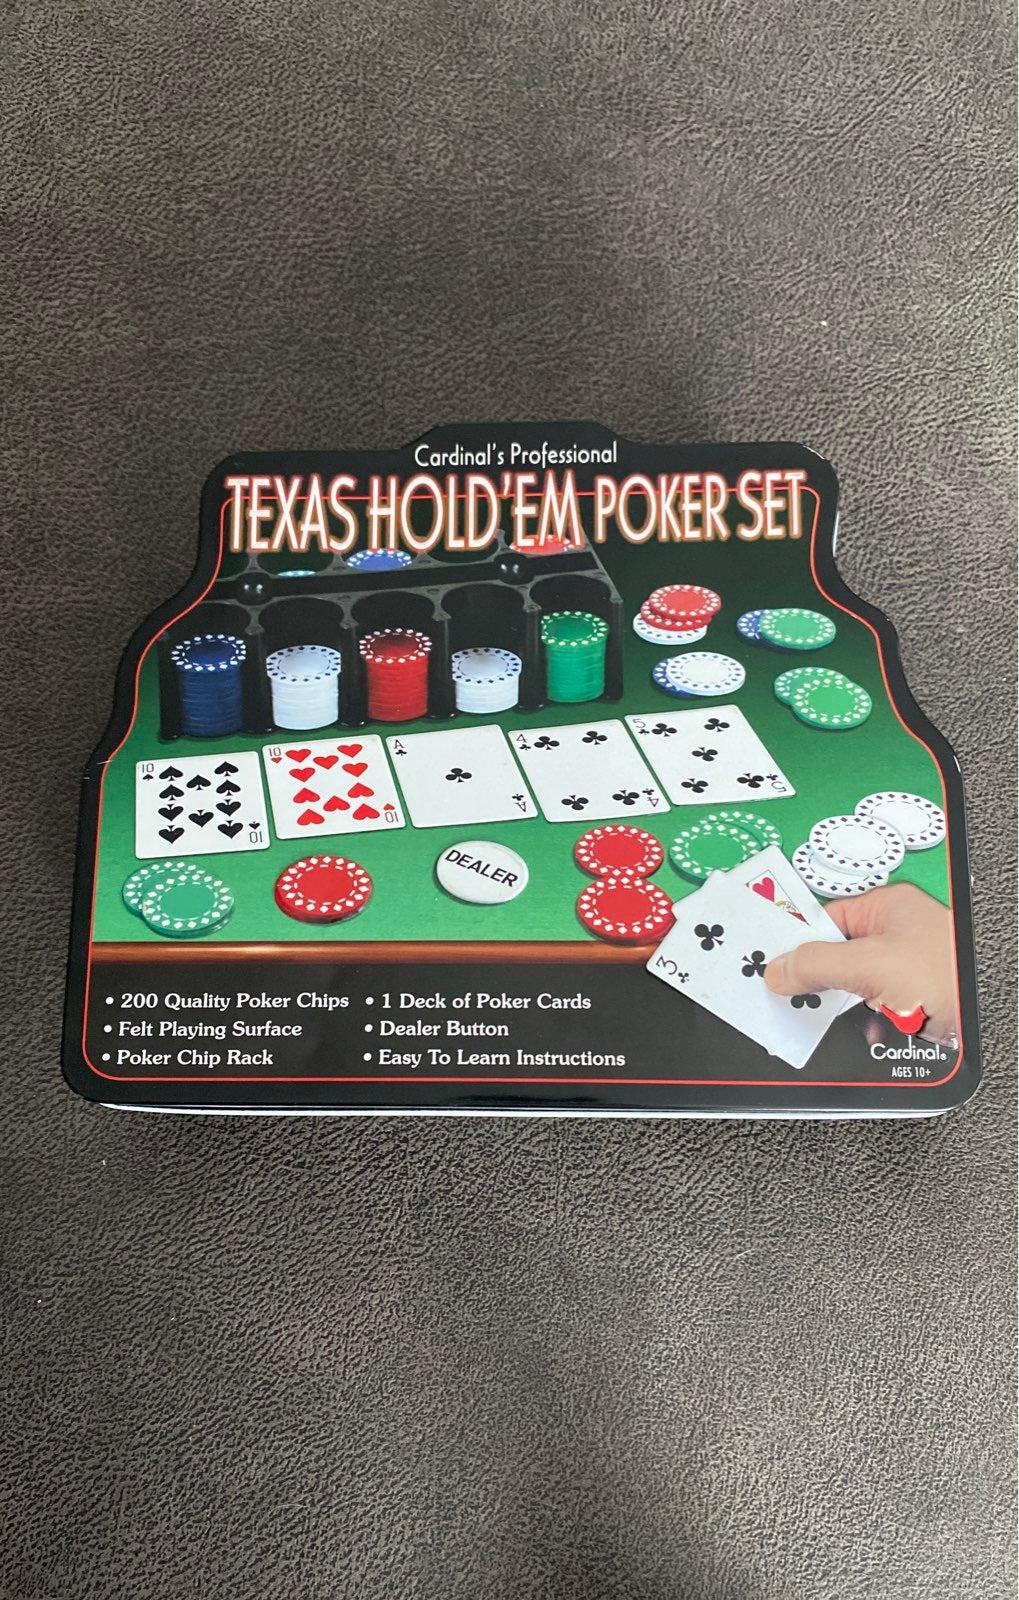 Texas Hold'em Poker Set (w/o cards)